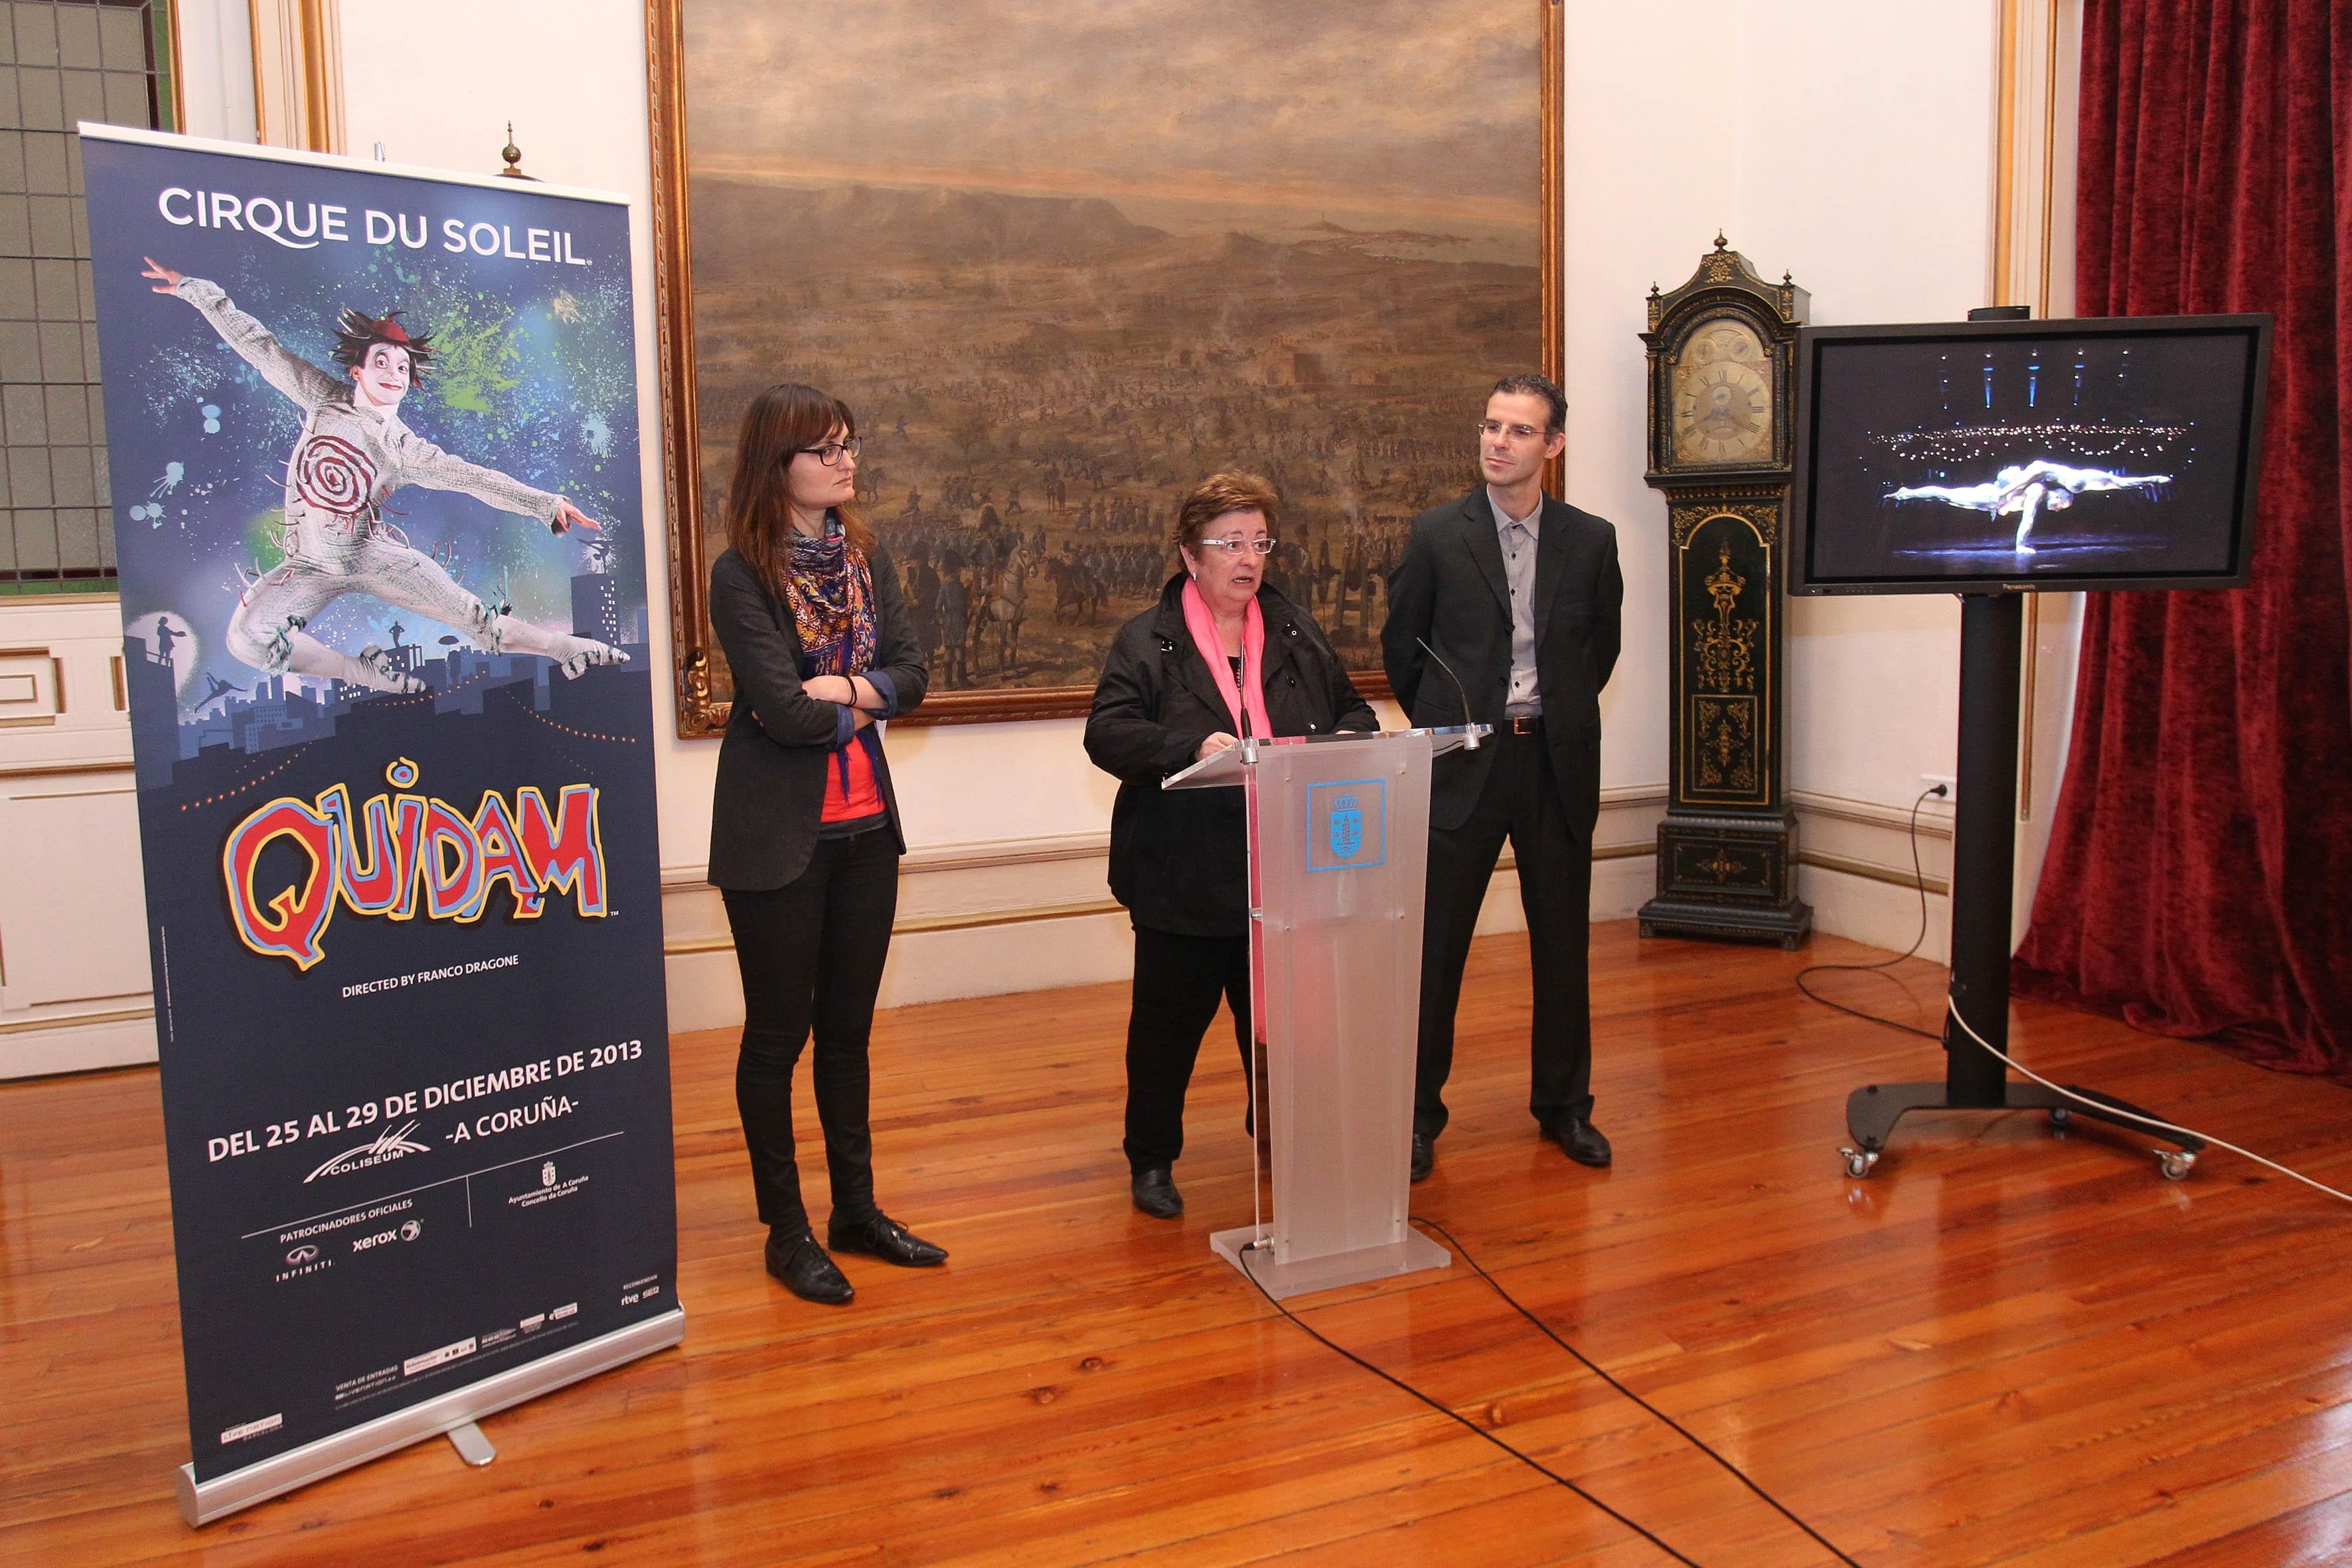 El Circo del Sol ofrecerá 7 funciones del espectáculo »Quidam» en A Coruña